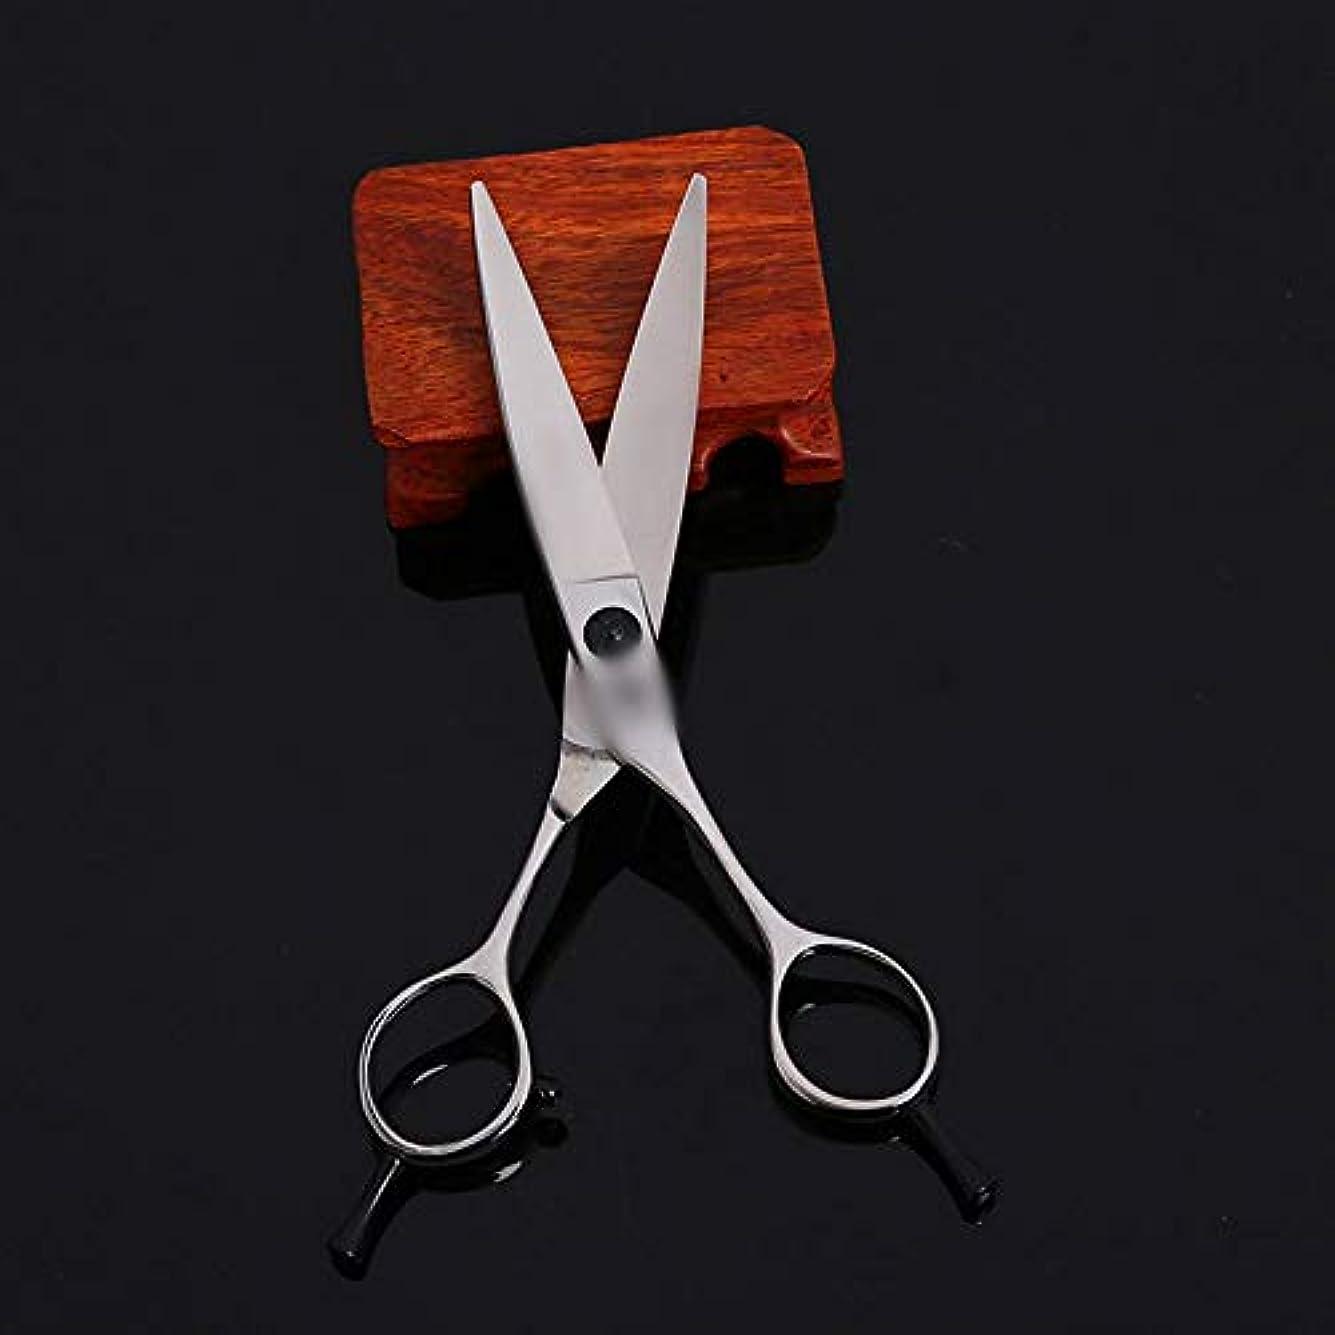 オール振り向く摂氏度TAKAYAMA 6インチ美容院プロの美容院ハサミハイエンド理髪ツールカーリングハサミ (色 : Silver)